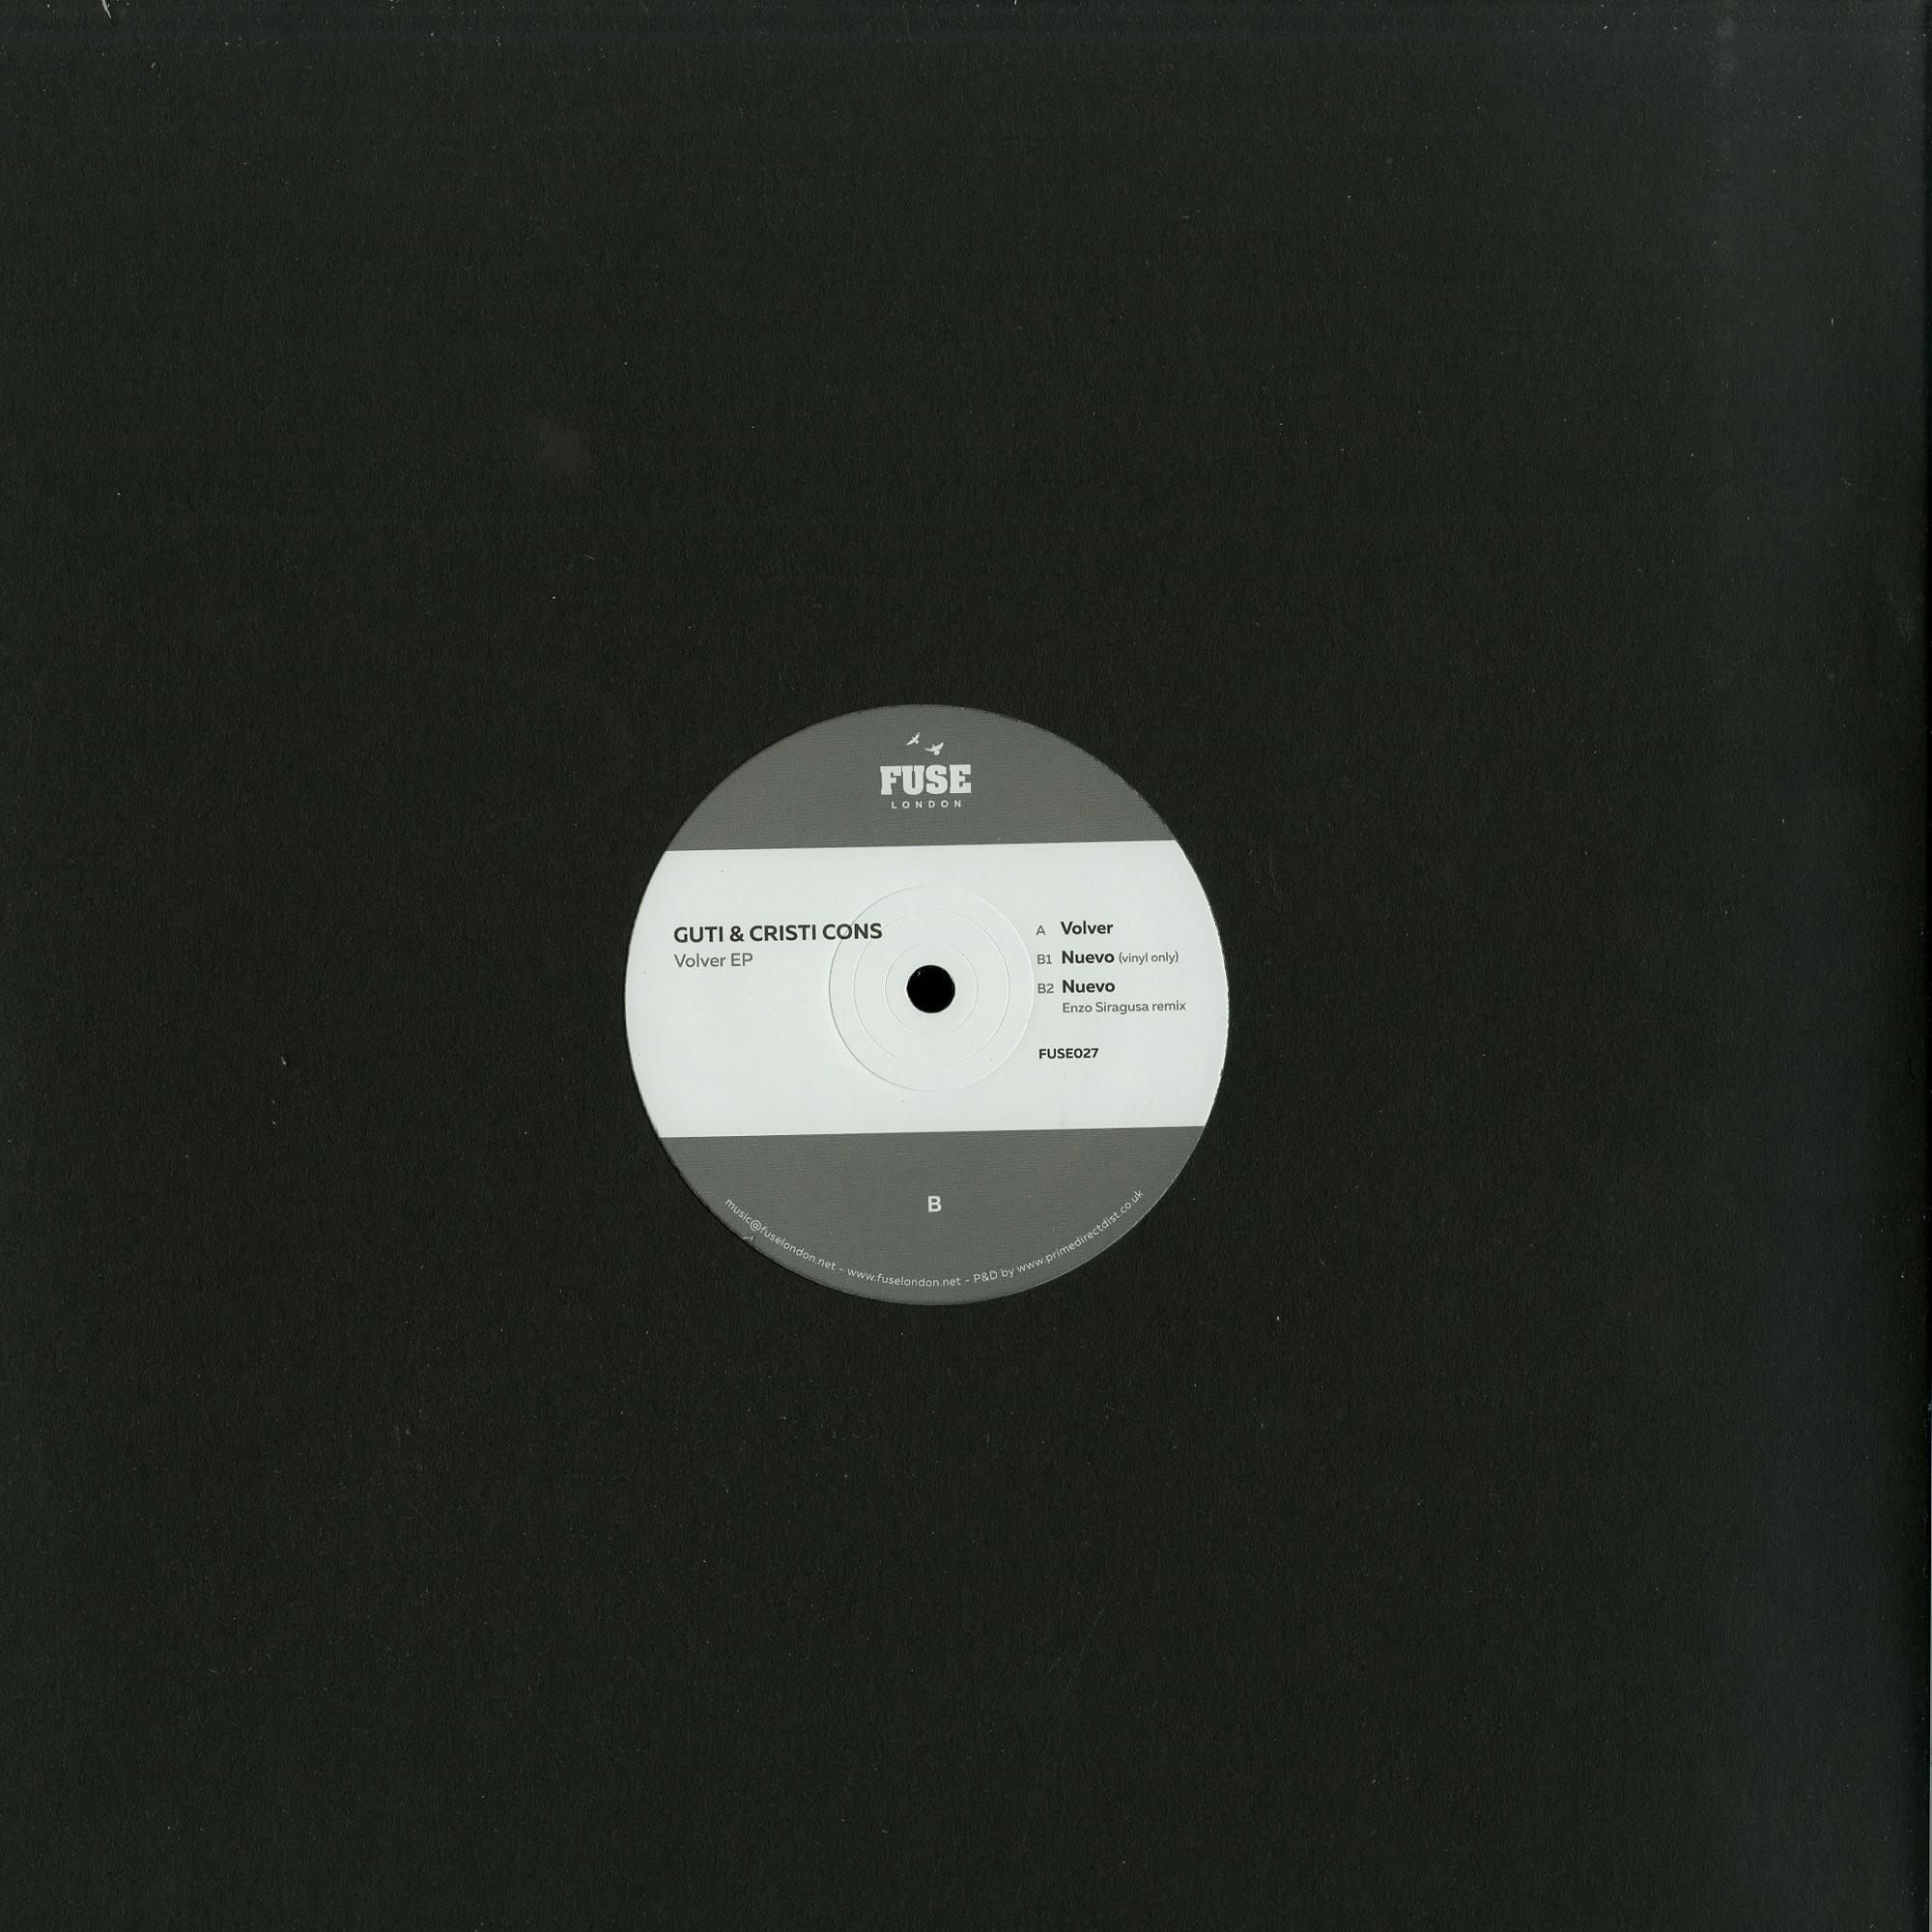 Guti & Cristi Cons - VOLVER EP